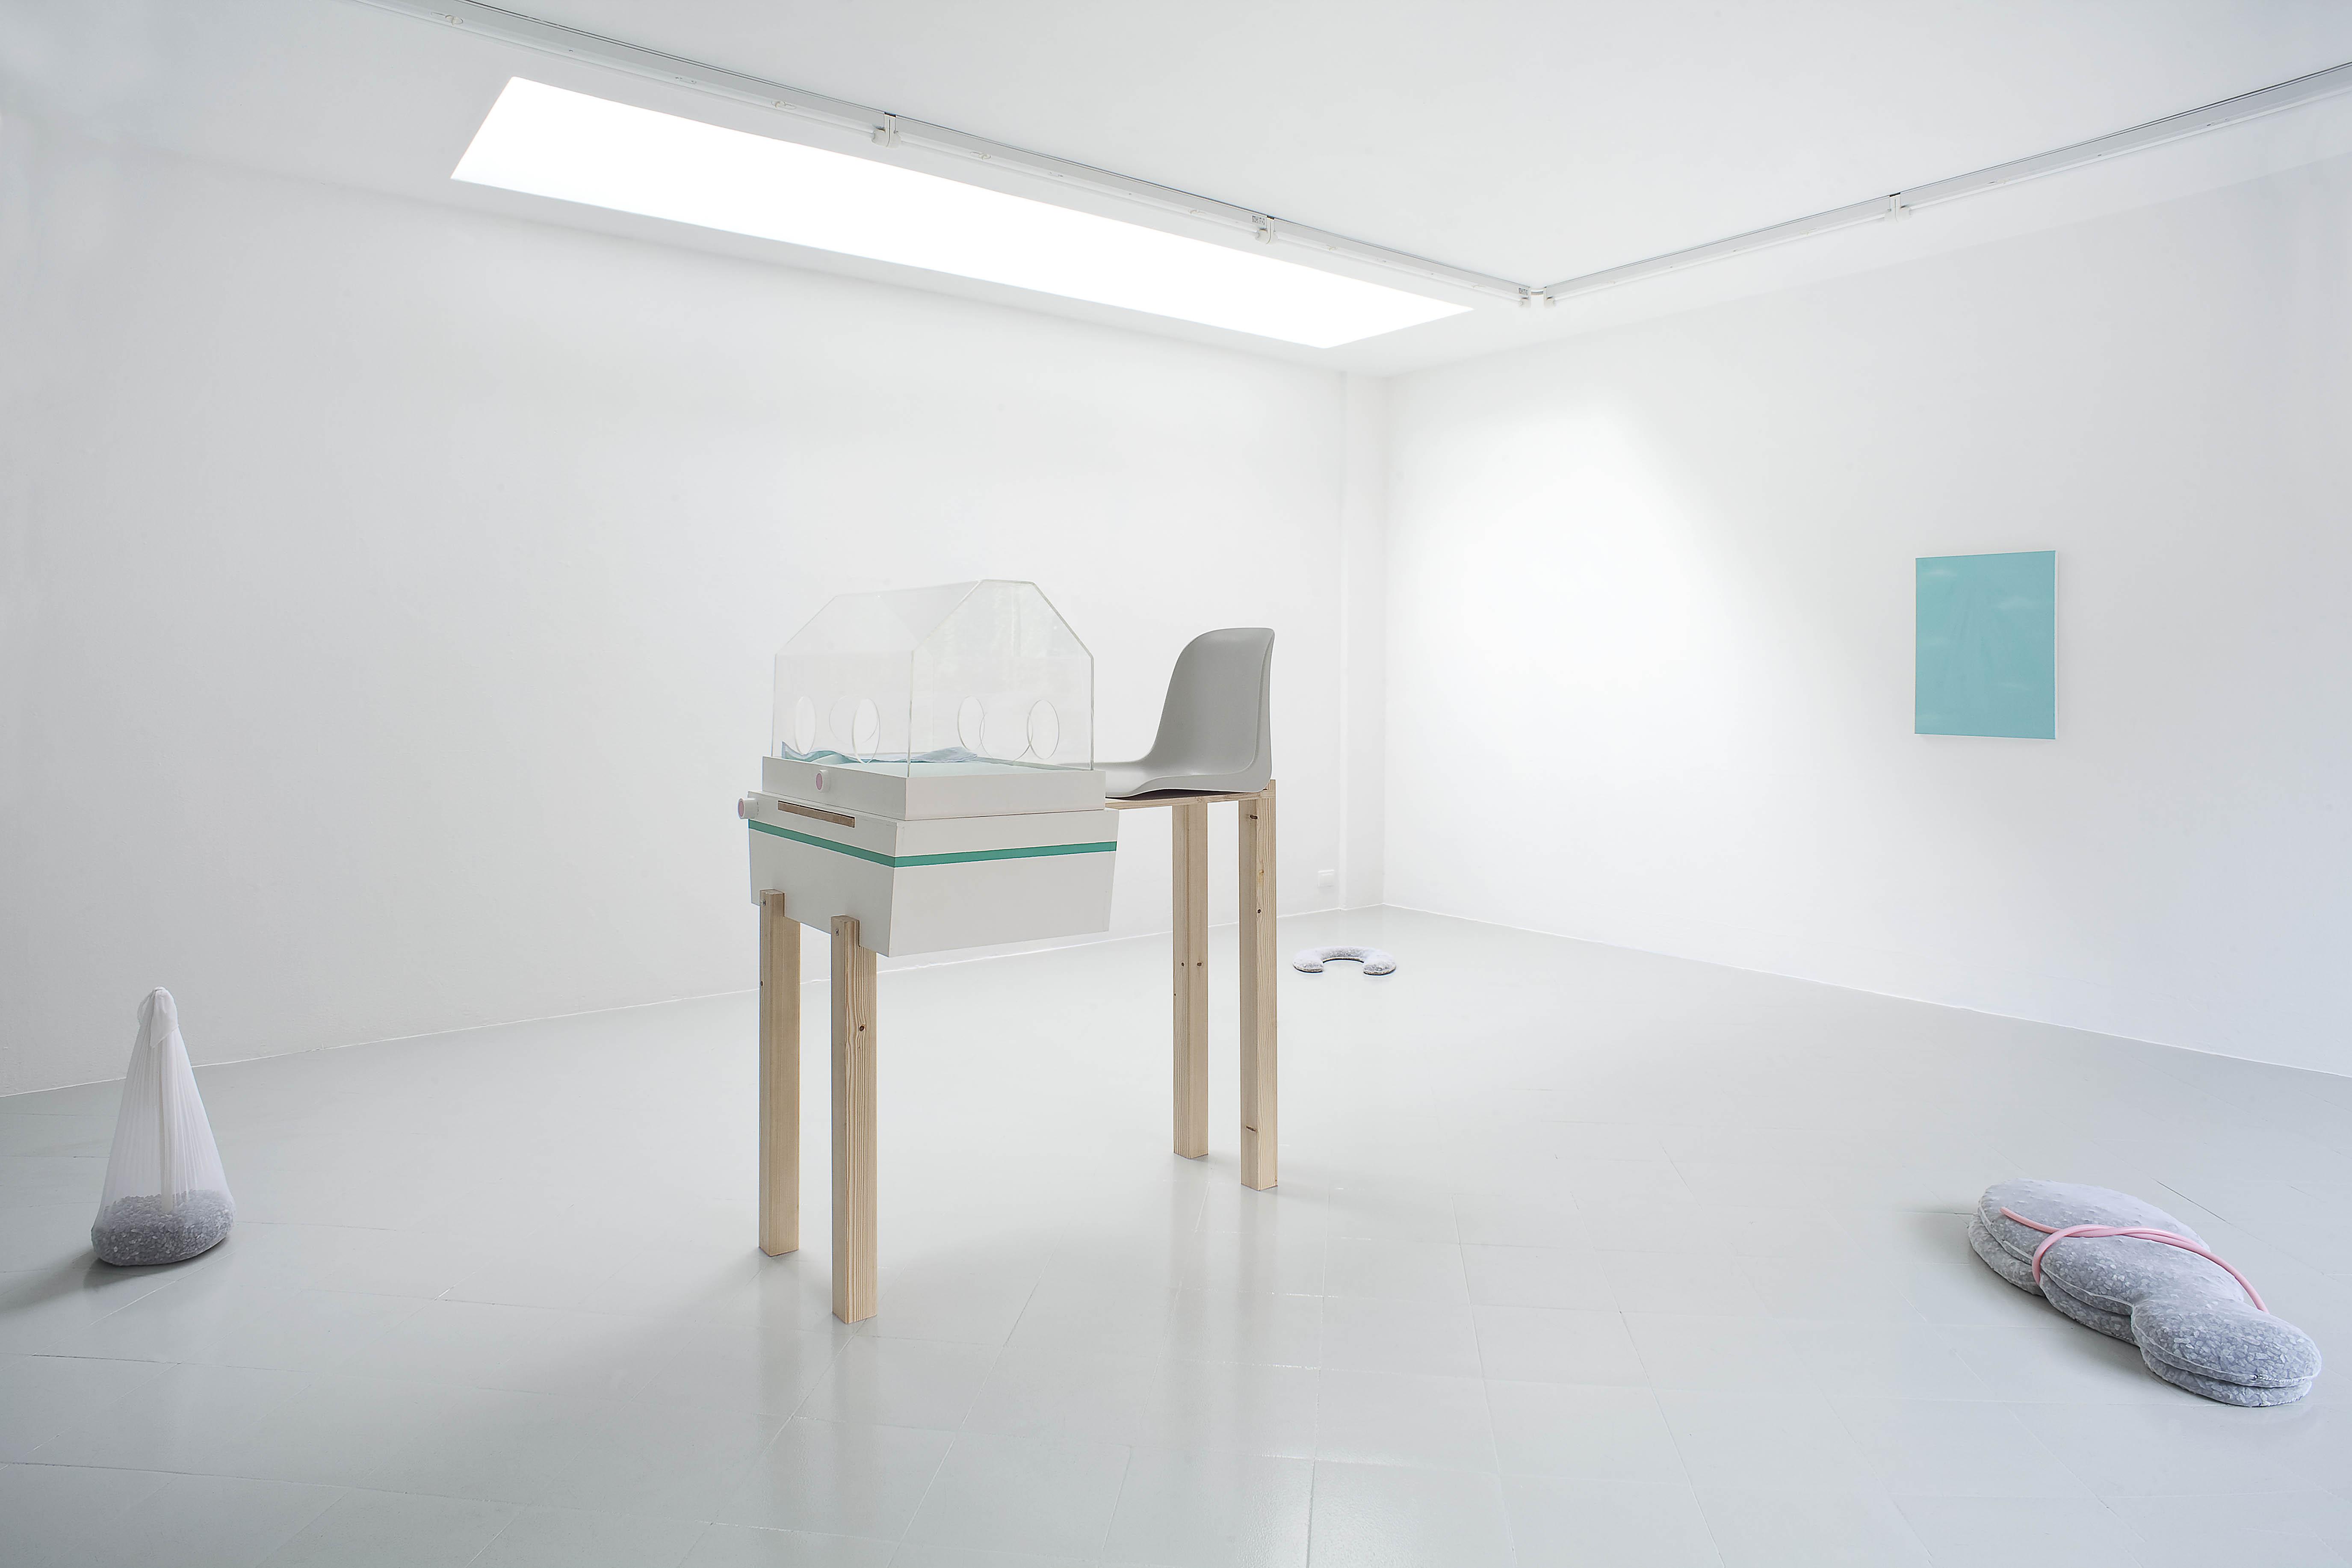 2 - Guendalina Cerruti at Studiolo Installation view 2015 - Courtesy Artist and Studiolo Milan copia